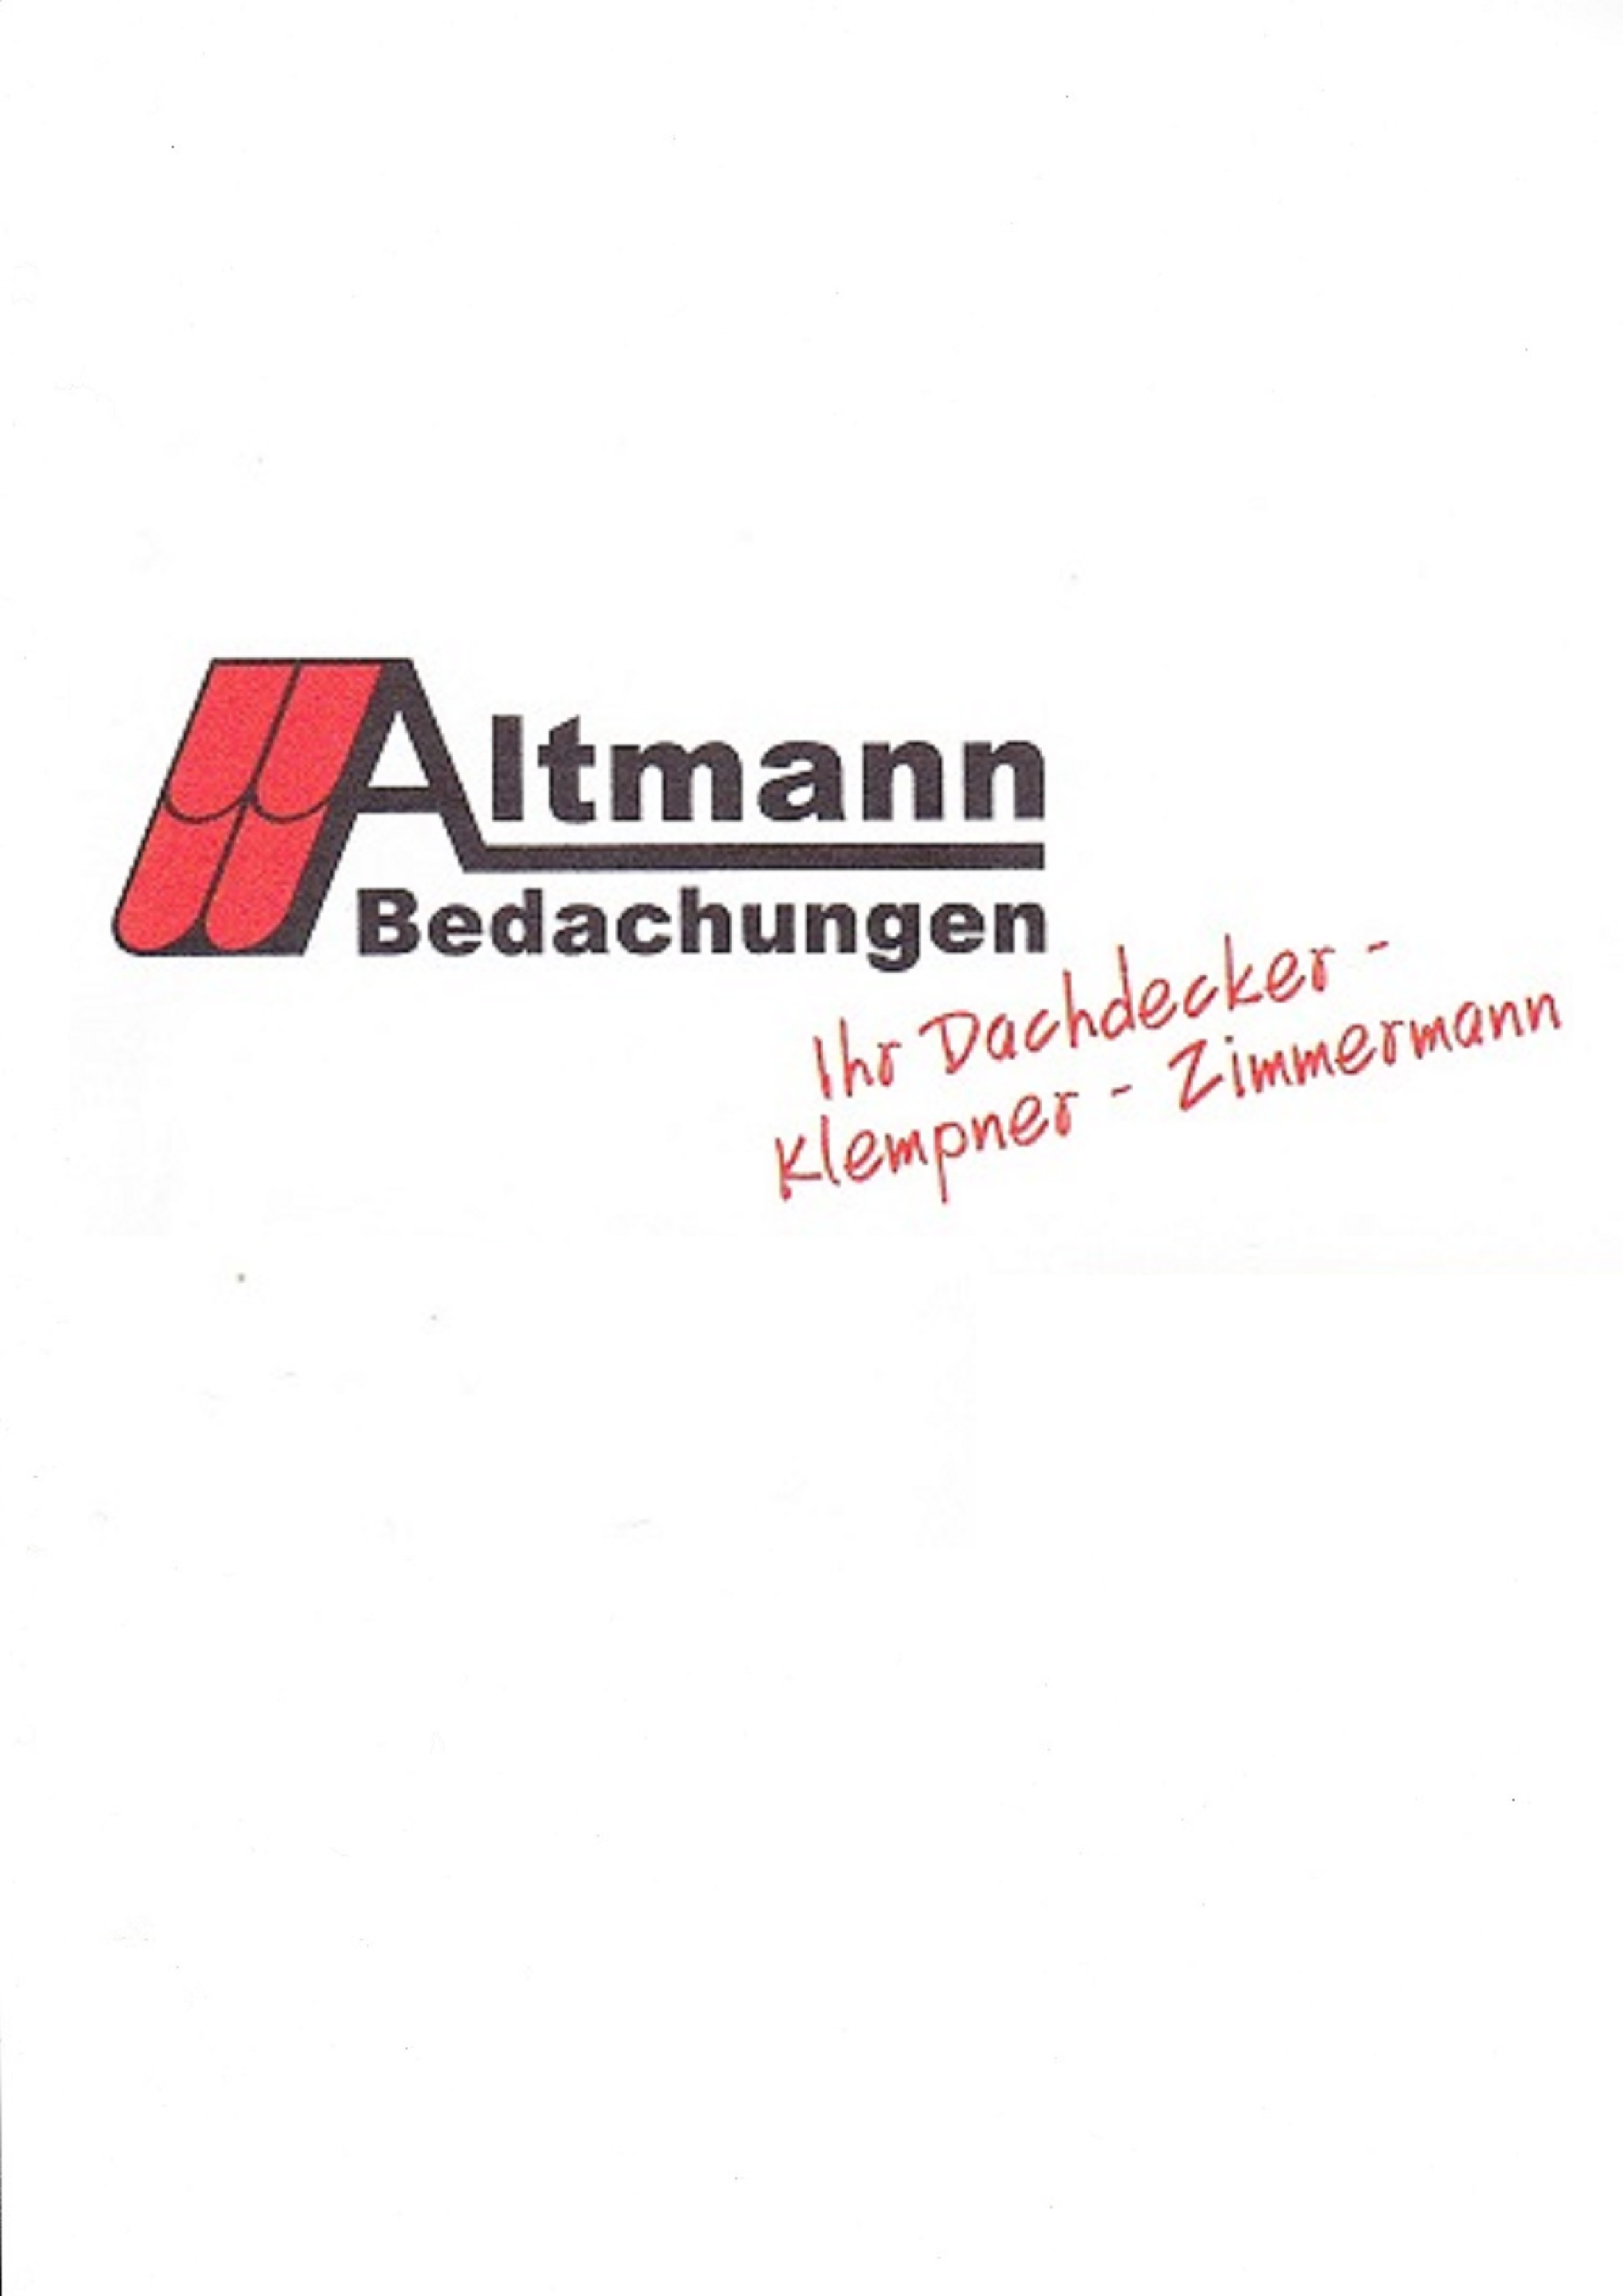 Altmann Bedachungen